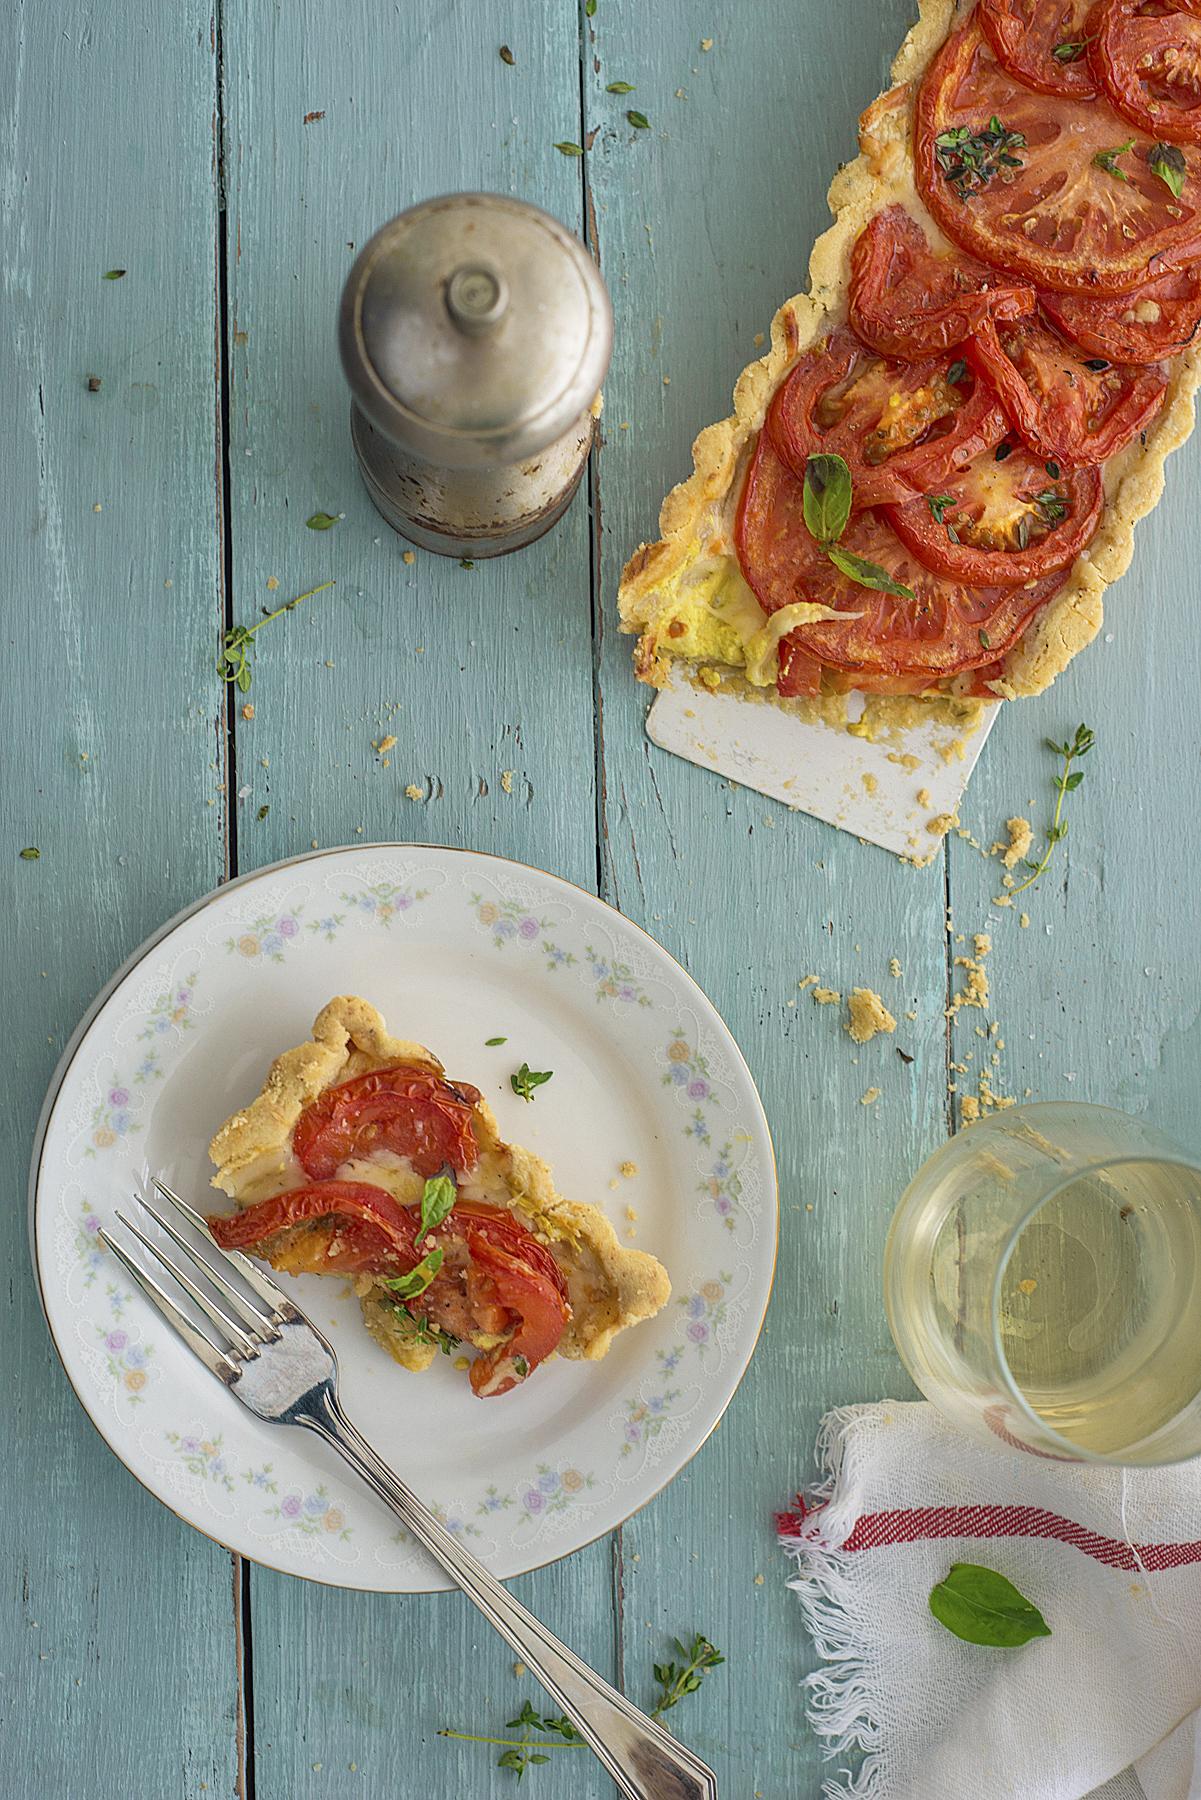 Todas las imagenes están hechas en conjunto con la chef y Food Stylist   Sagrario Matos  .